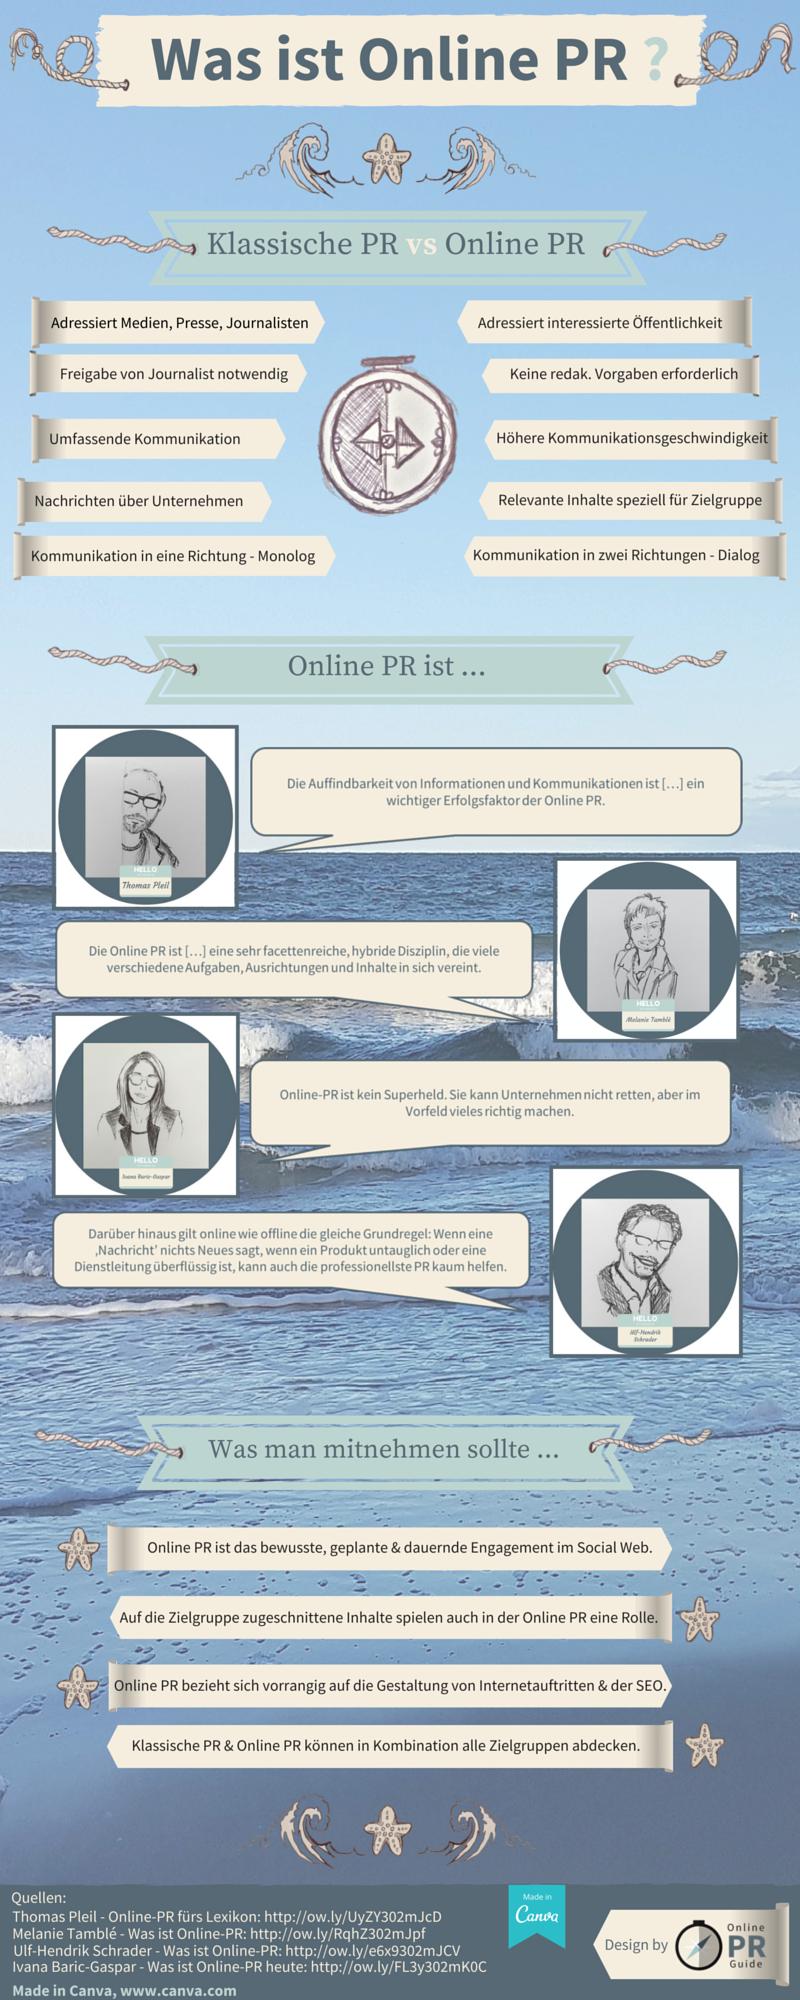 Was ist Online PR? Definitonen und Ziele - Online PR Guide